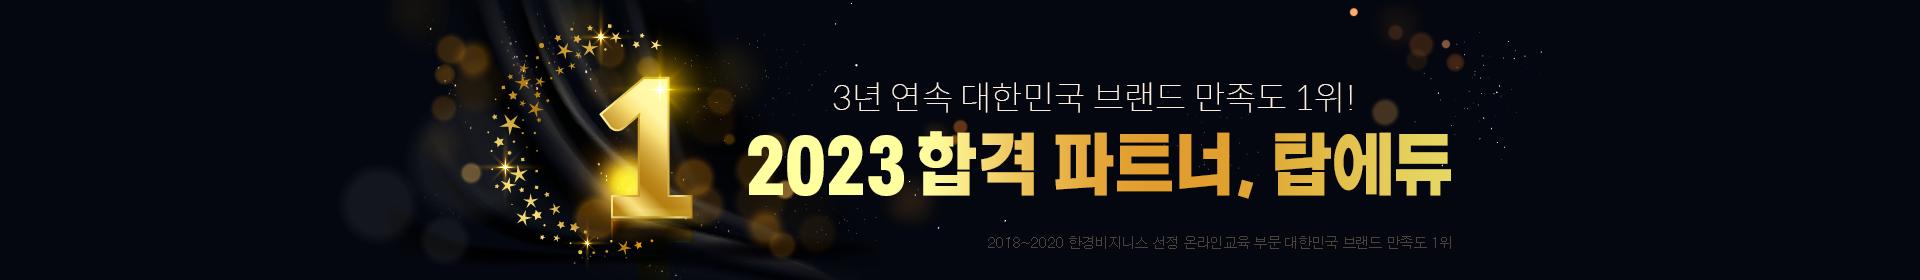 2018-2019 2년 연속 수상, 대한민국 브랜드 만족도 1위